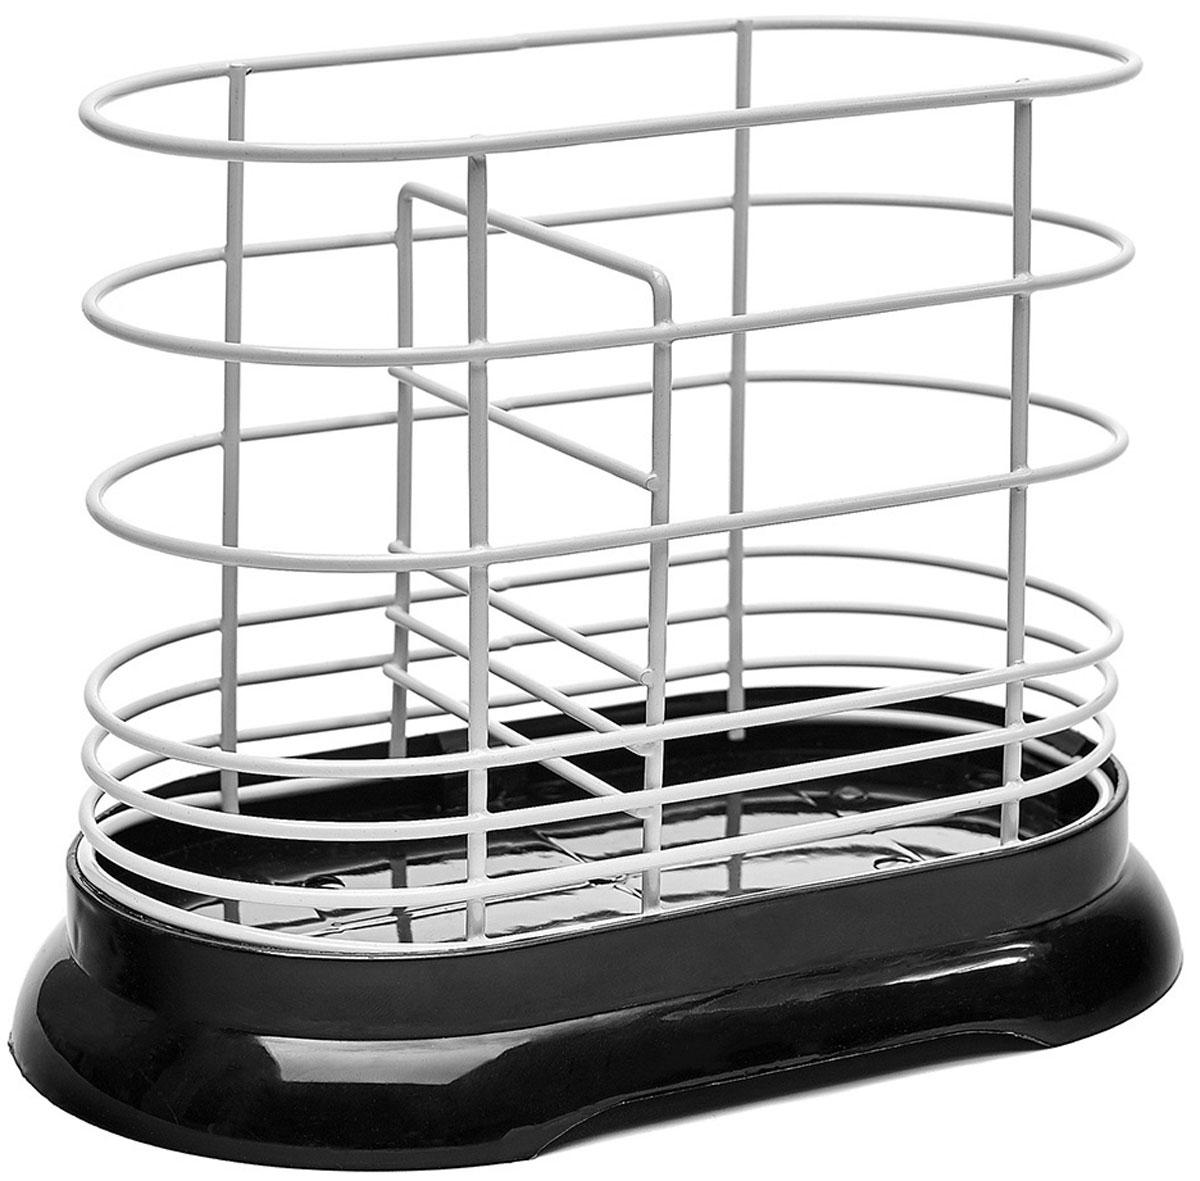 Подставка для столовых приборов Walmer, цвет: черный, 16 x 8,5 x 13,5 смВетерок 2ГФПодставка для столовых приборов Walmer имеет лаконичный дизайн и подойдет под абсолютно любой интерьер кухни. Основание изделия изготовлено из качественного пластика. Если на приборах осталось немного воды, то она не будет стекать на стол, а останется в съемном поддоне. А материалом для прутков корпуса является сталь с порошковым покрытием – прочная и устойчивая к коррозии. К слову, в нижней части расстояние между прутками меньше, чтобы ручки столовых приборов не выскальзывали из подставки.Подставка Walmer не займет слишком много места на вашей кухне. Ее назначение в том, чтобы экономить пространство и упрощать жизнь своим владельцам. Для удобства в ней есть разделитель, который позволяет хранить приборы в разных отсеках.